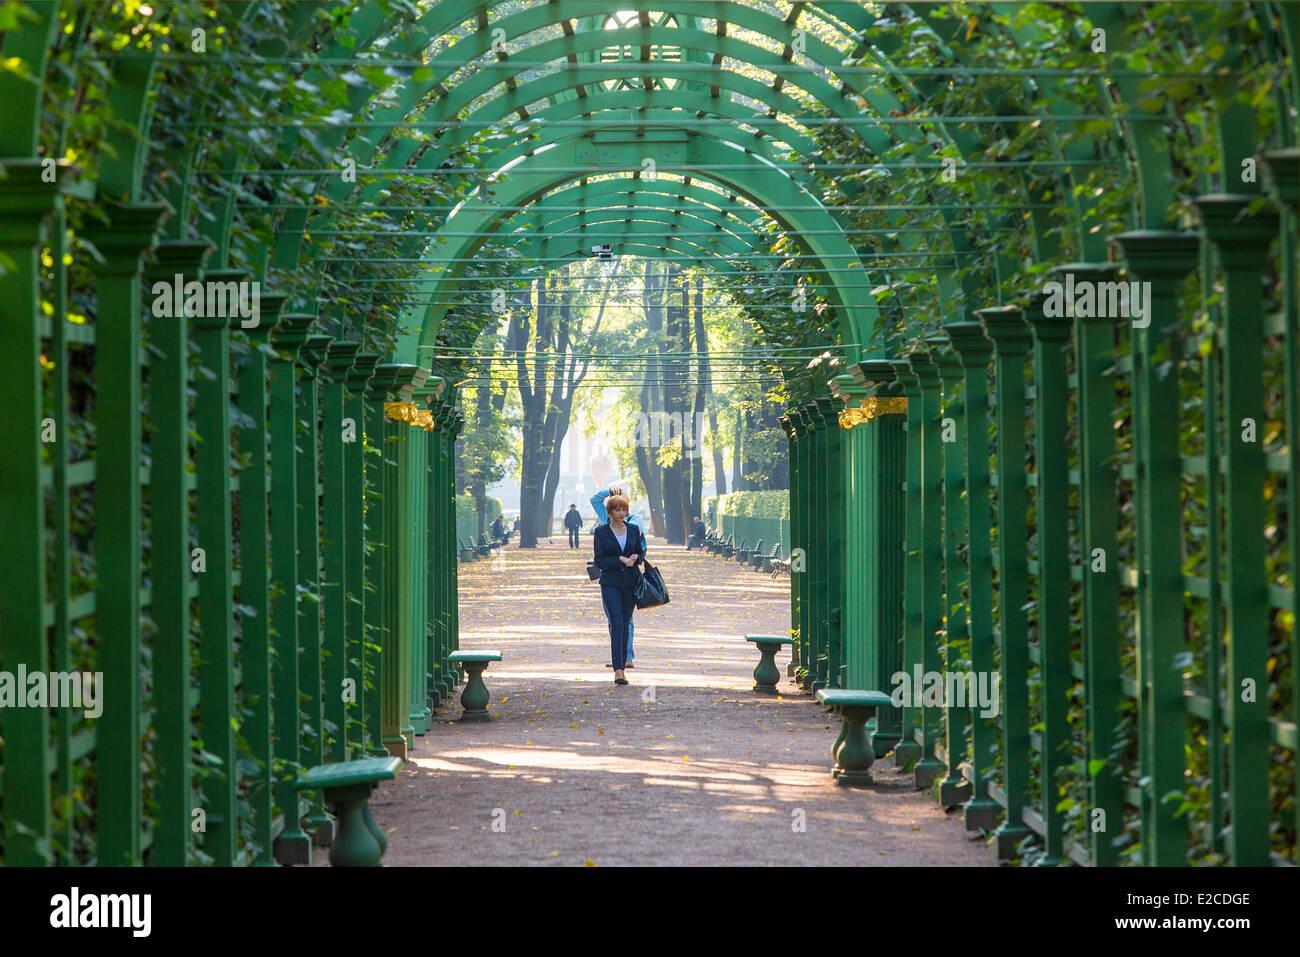 Rusia, San Petersburgo, catalogado como Patrimonio Mundial por la UNESCO, el jardín de verano Imagen De Stock